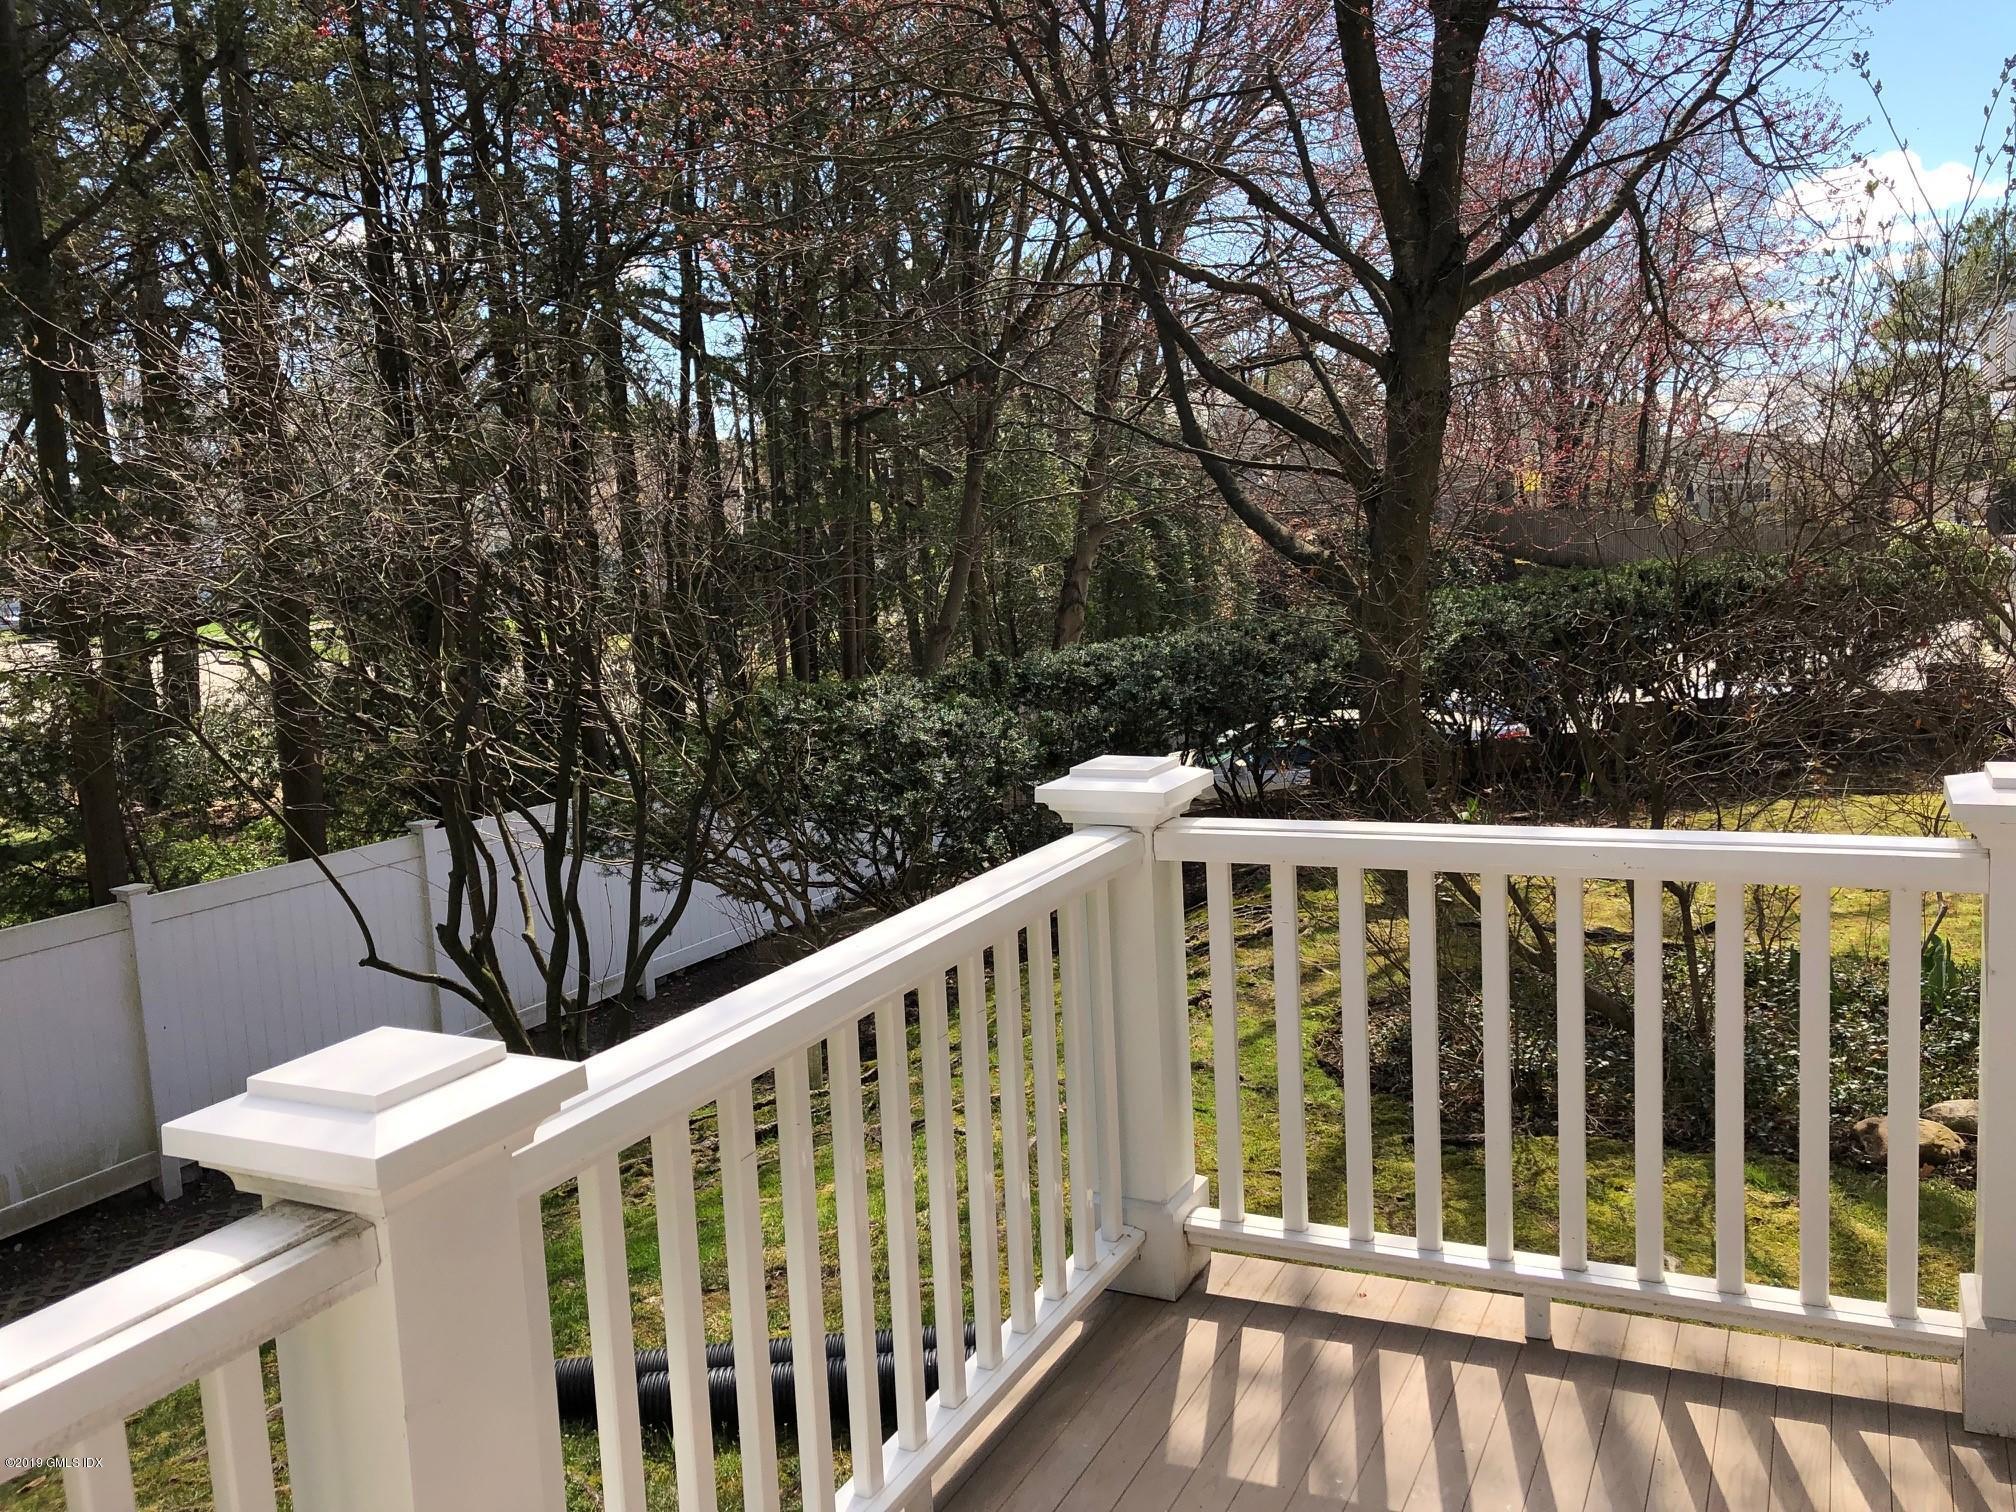 453 Putnam Avenue,Cos Cob,Connecticut 06807,2 Bedrooms Bedrooms,2 BathroomsBathrooms,Condominium,Putnam,106183